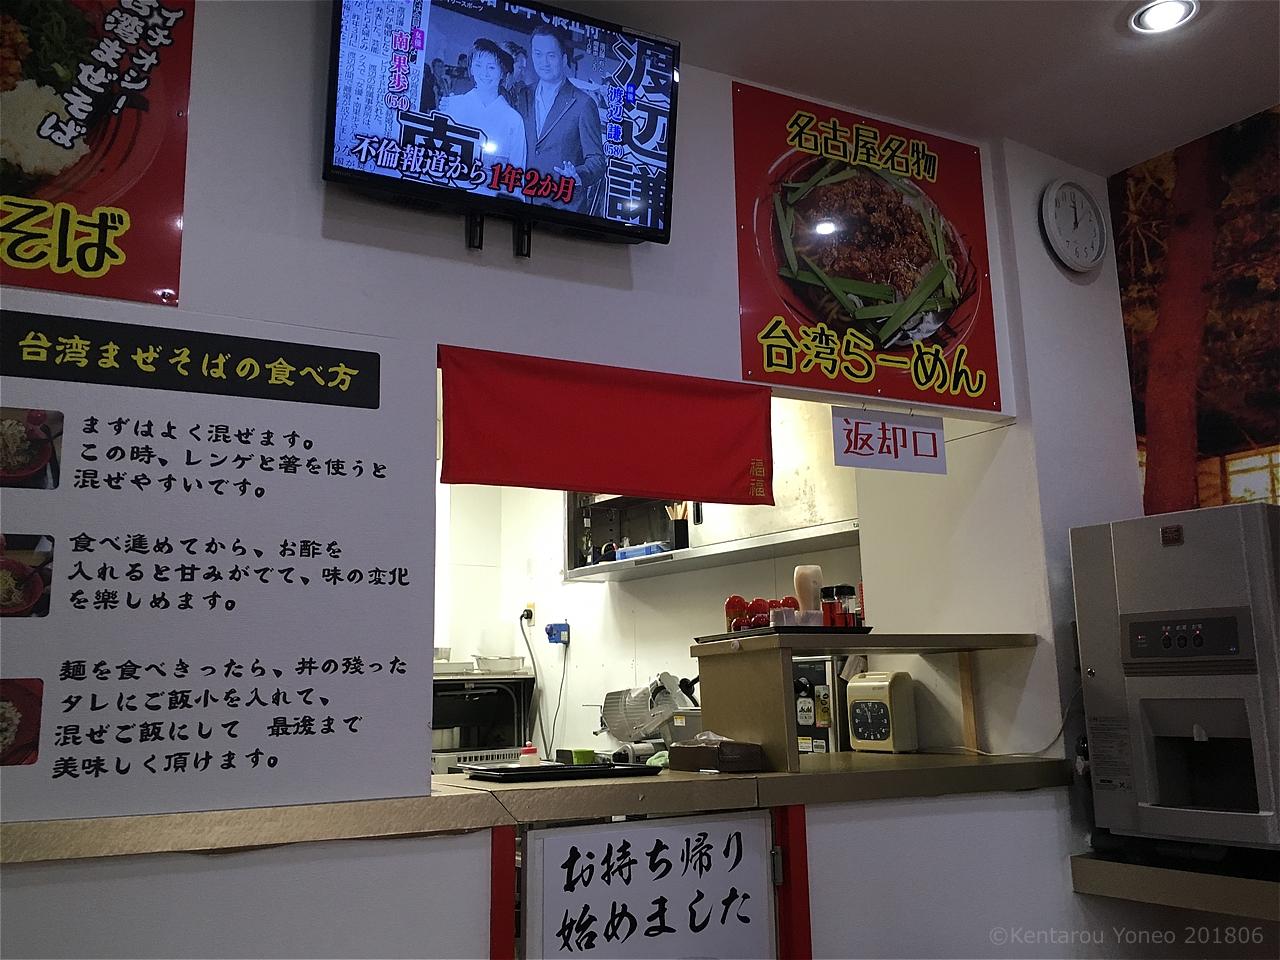 台湾ラーメン福福の店内